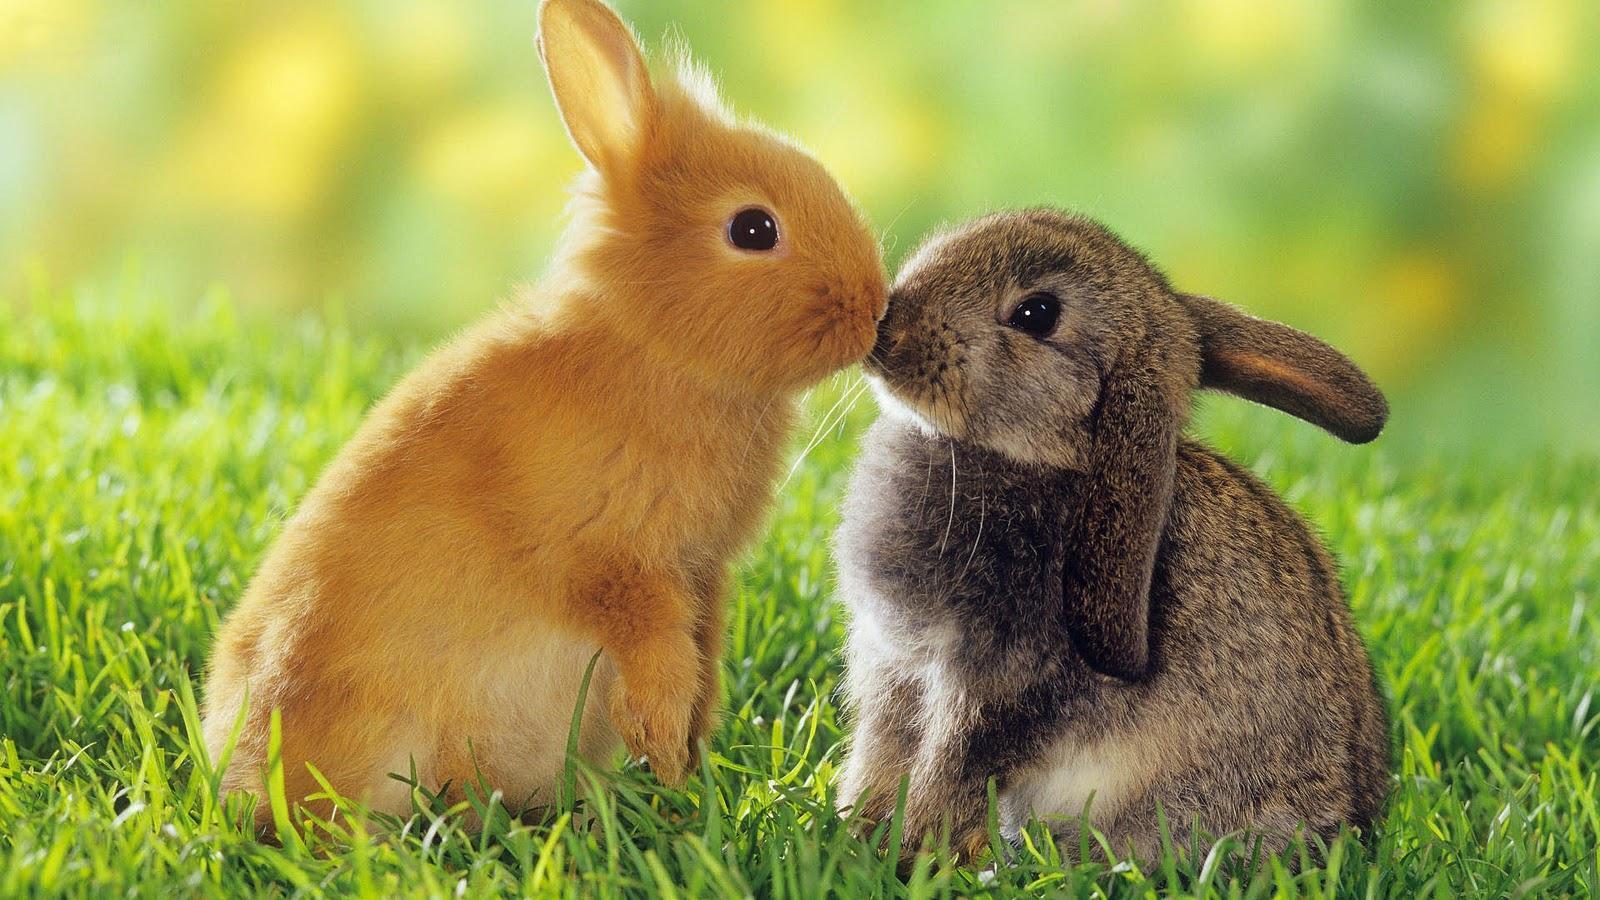 Android 用の ウサギの壁紙 Apk をダウンロード